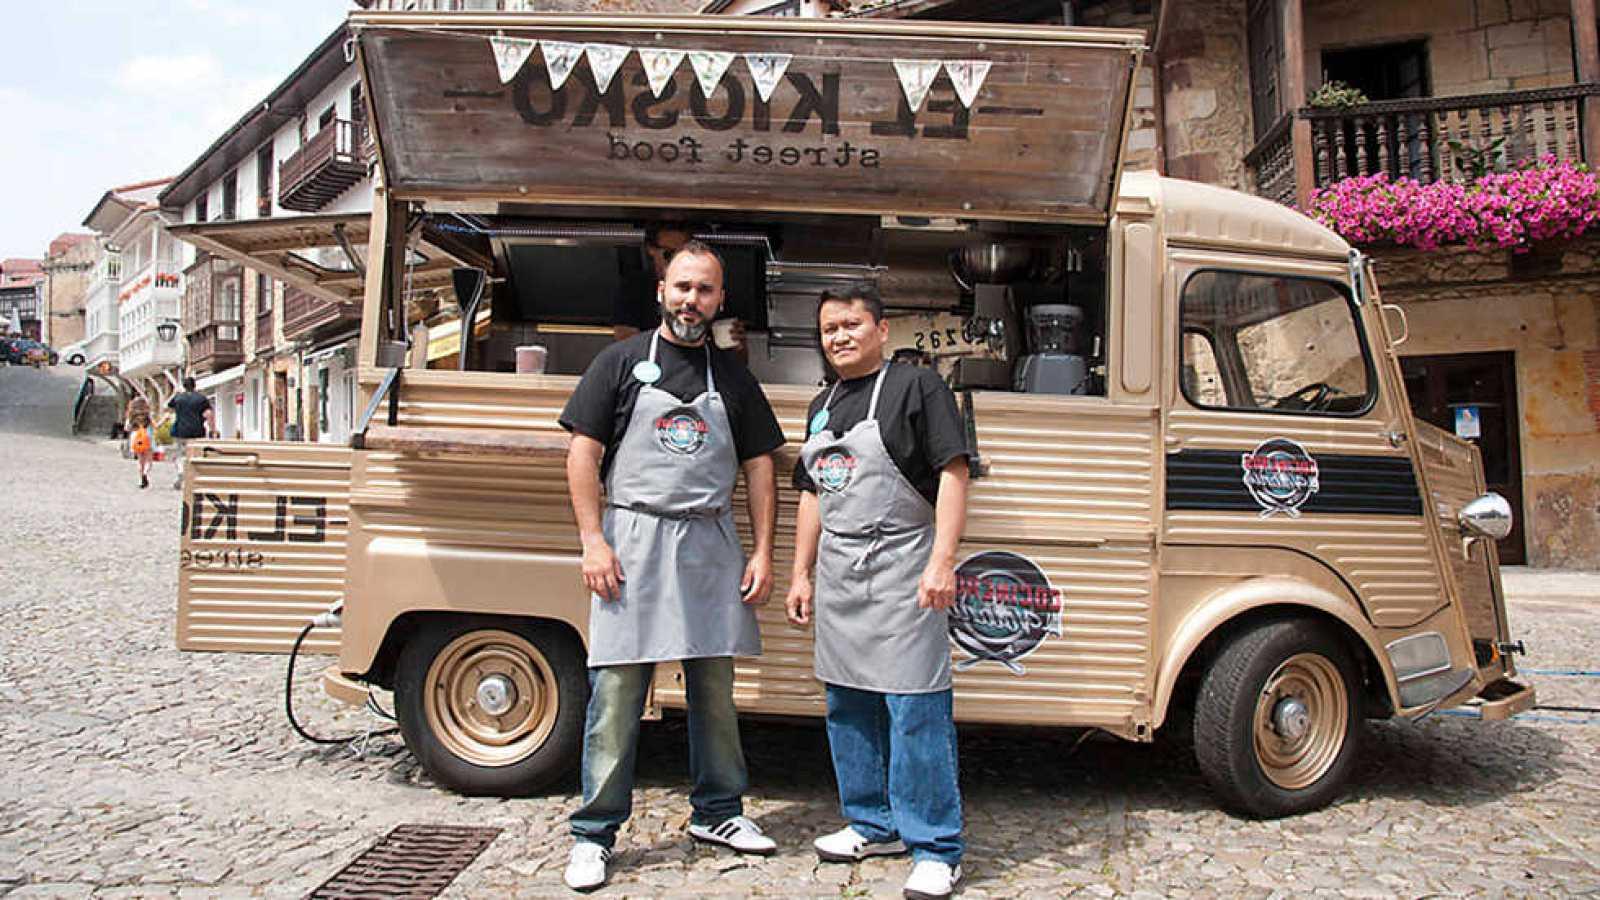 Cocineros al volante - 14/07/15 - ver ahora